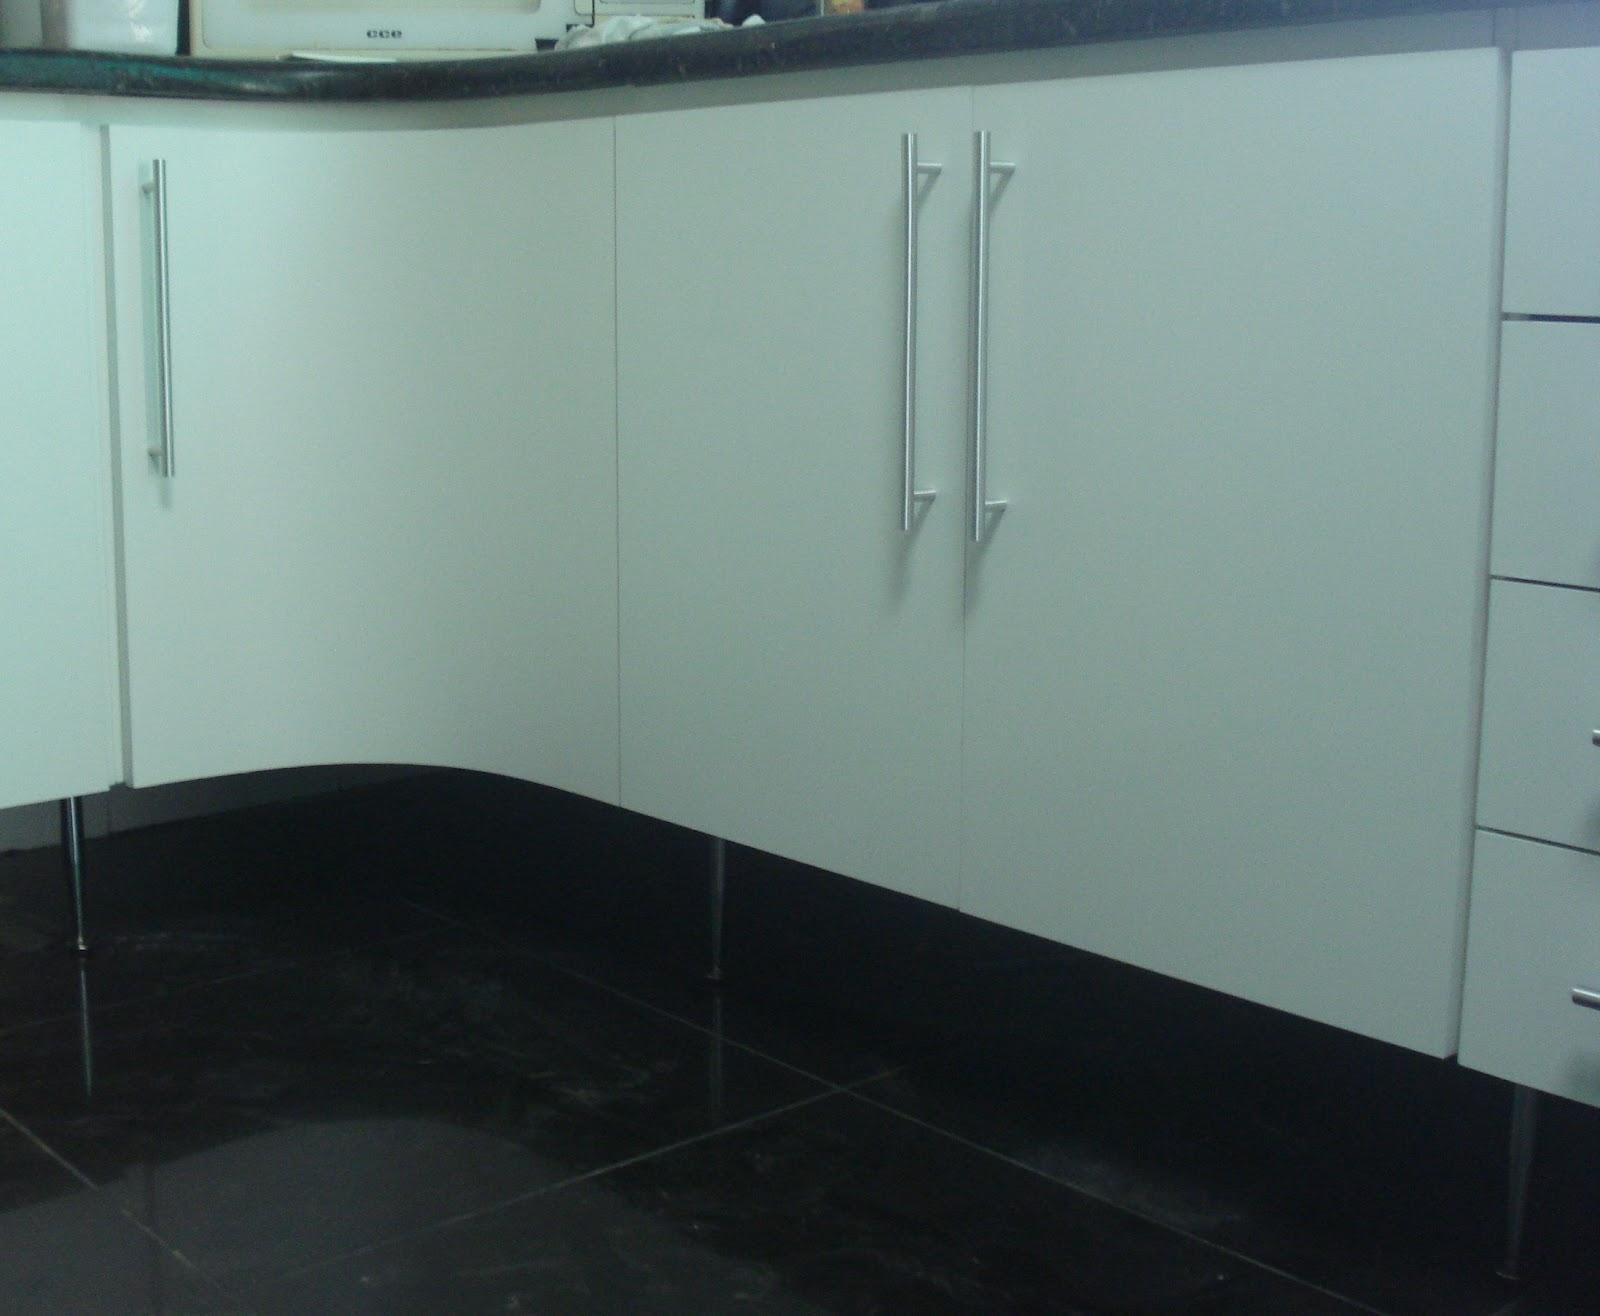 #4A8175  Porta Curva Puxadores em Perfil de Alumínio e Cristaleira com Portas 1004 Portas E Janelas De Aluminio Belo Horizonte